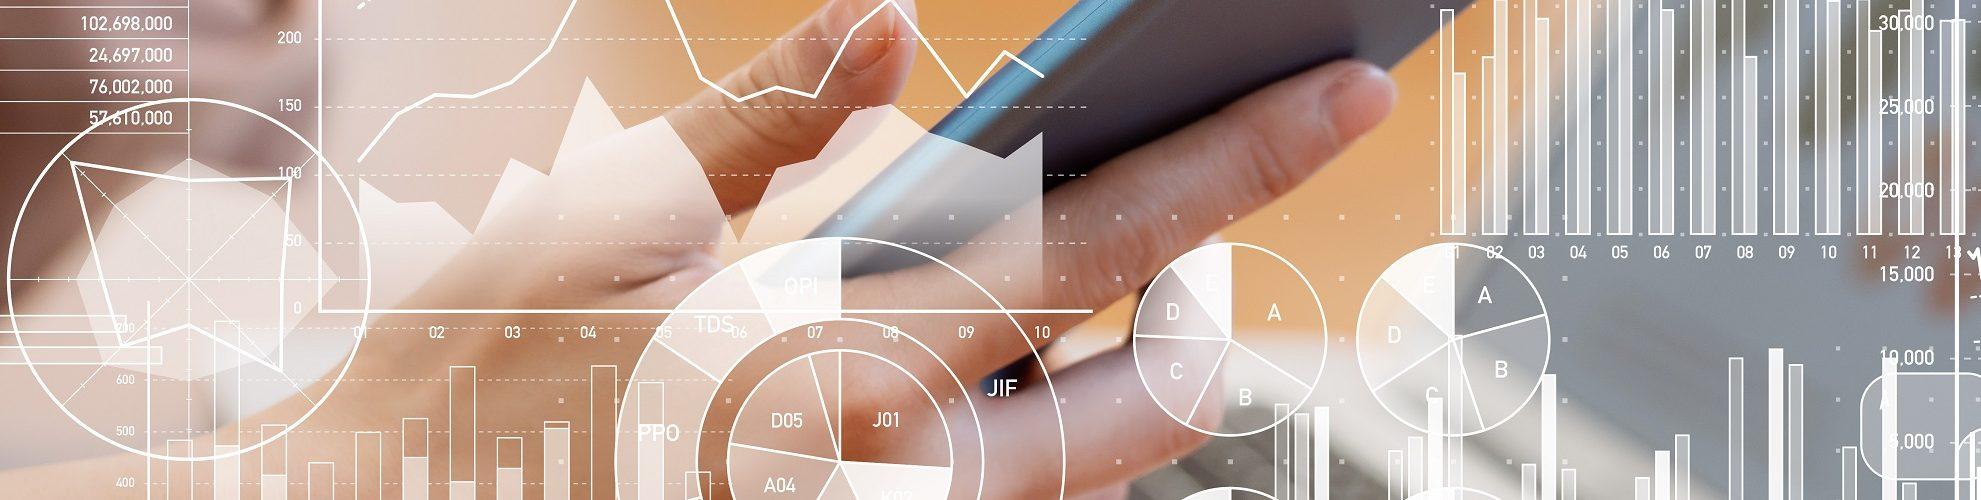 Una riflessione sulle prospettive della professione di commercialista, tra digitalizzazione e approccio consulenziale.